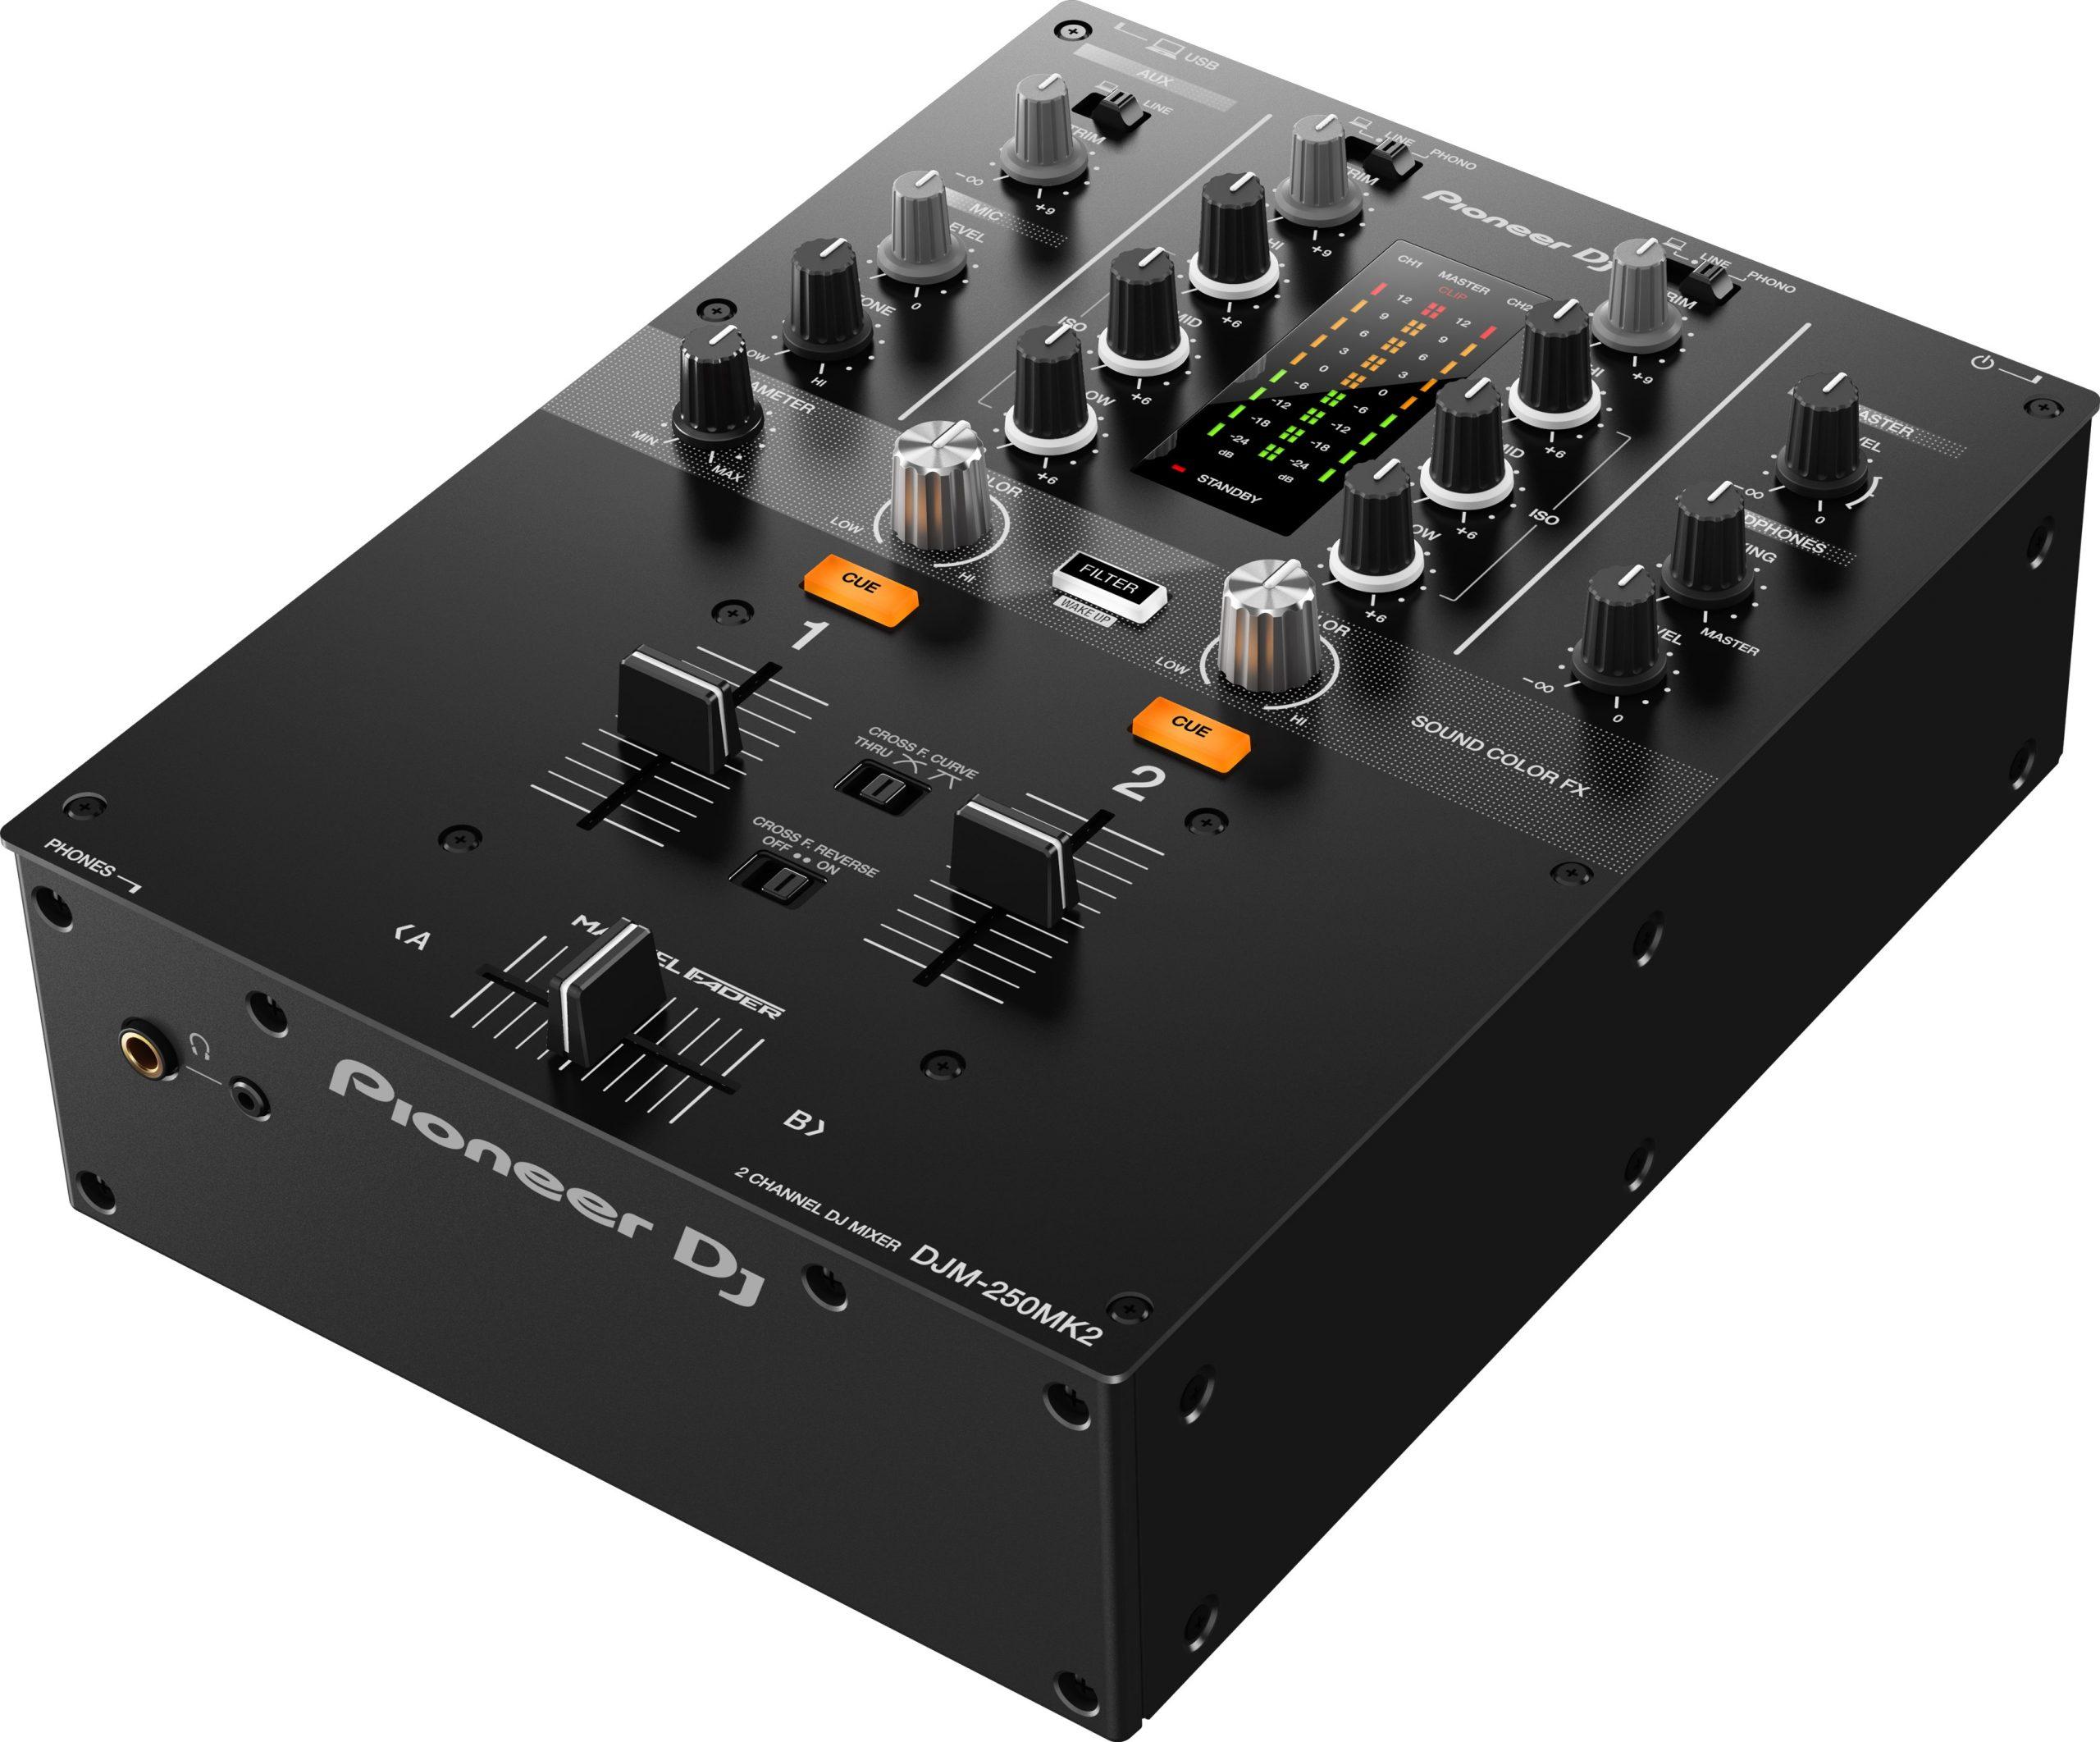 DJM-250MK2 (Two-Channel Mixer)